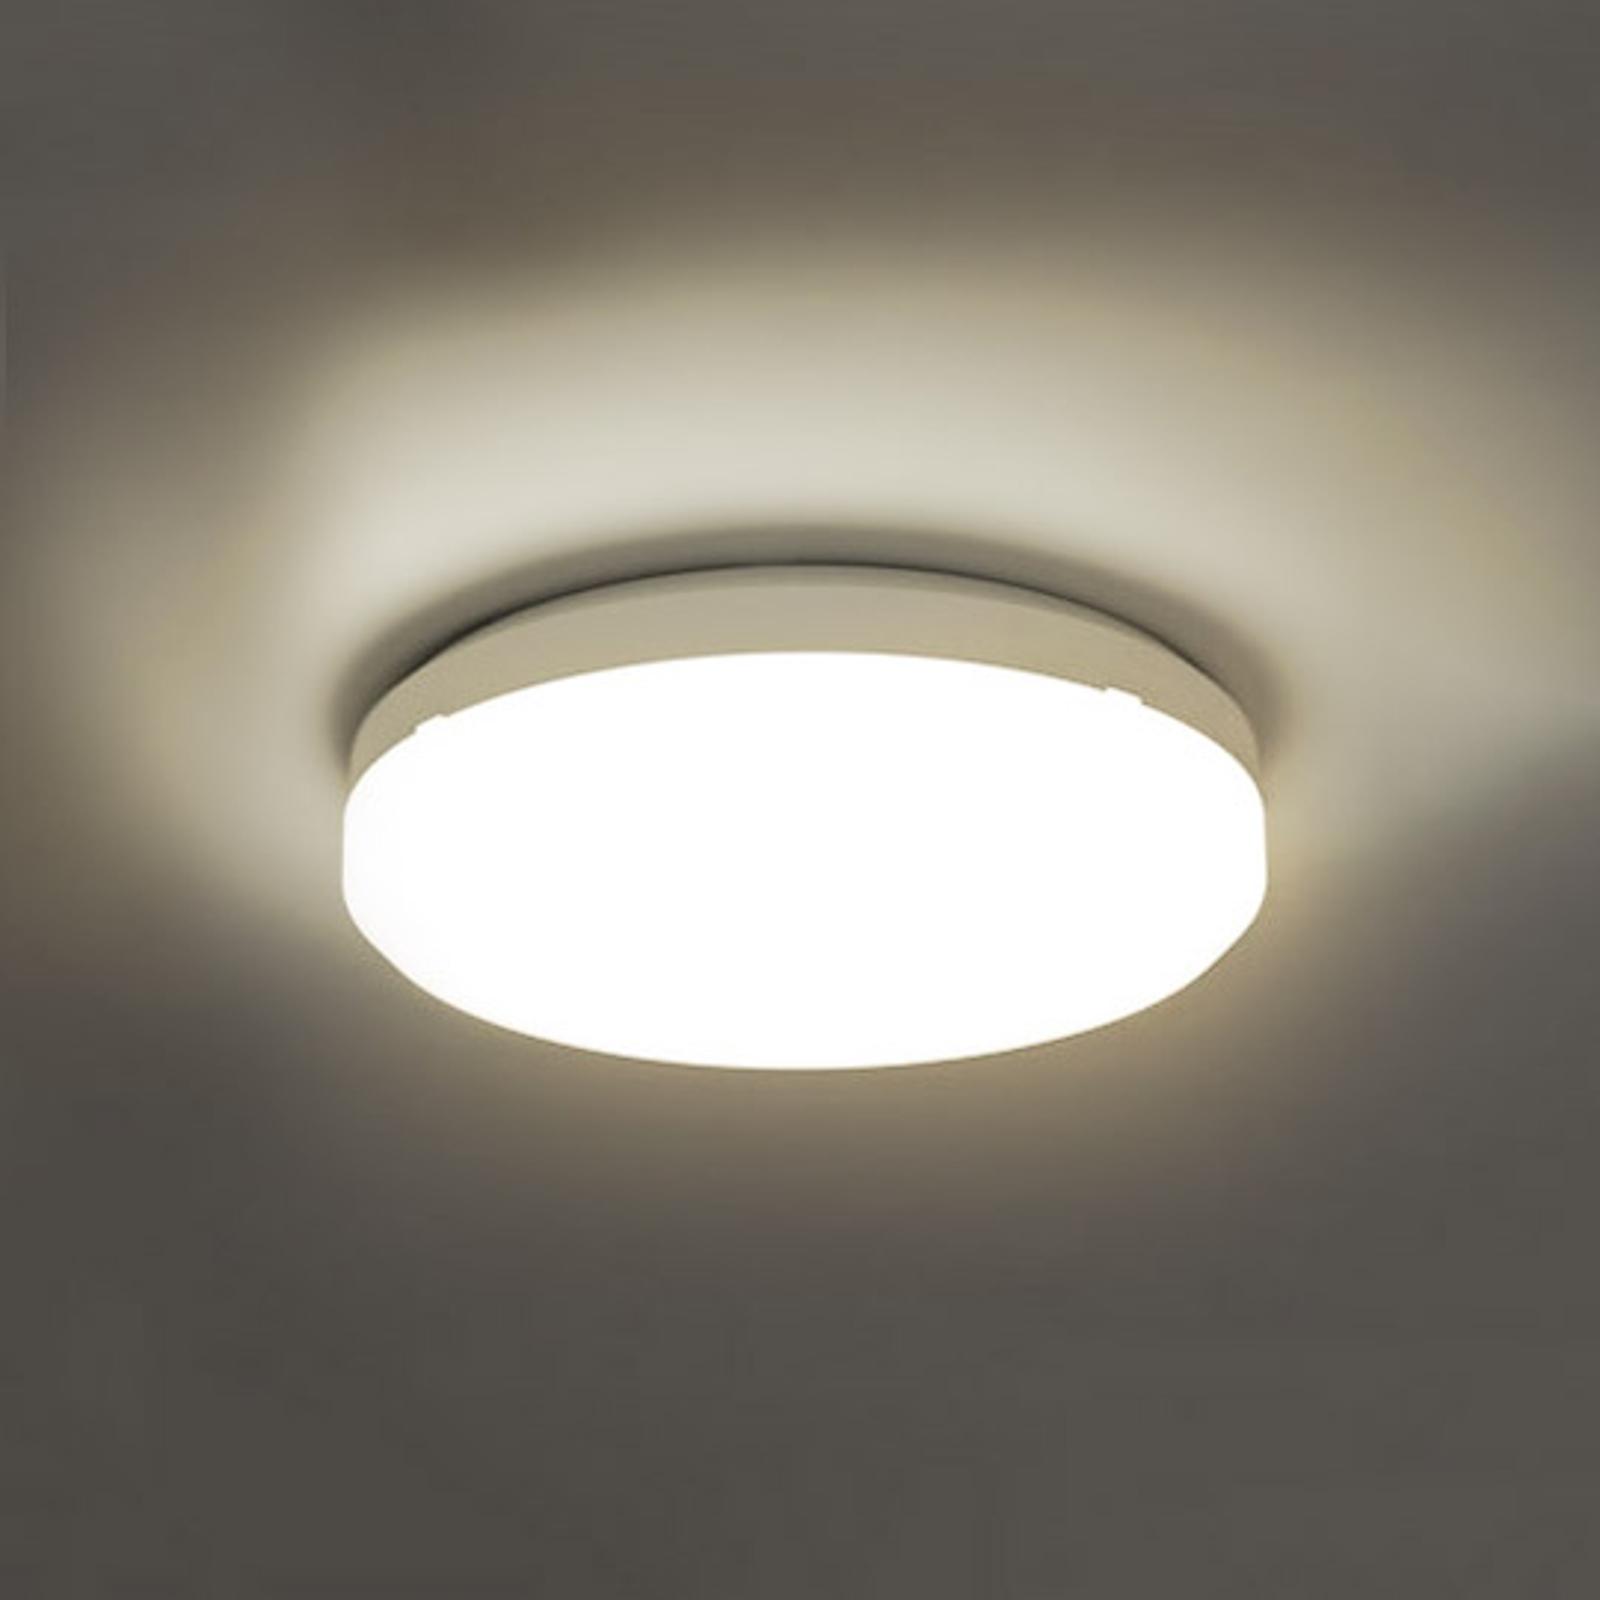 Sun 15 - LED stropní svítidlo IP65, 18W 3000K ww